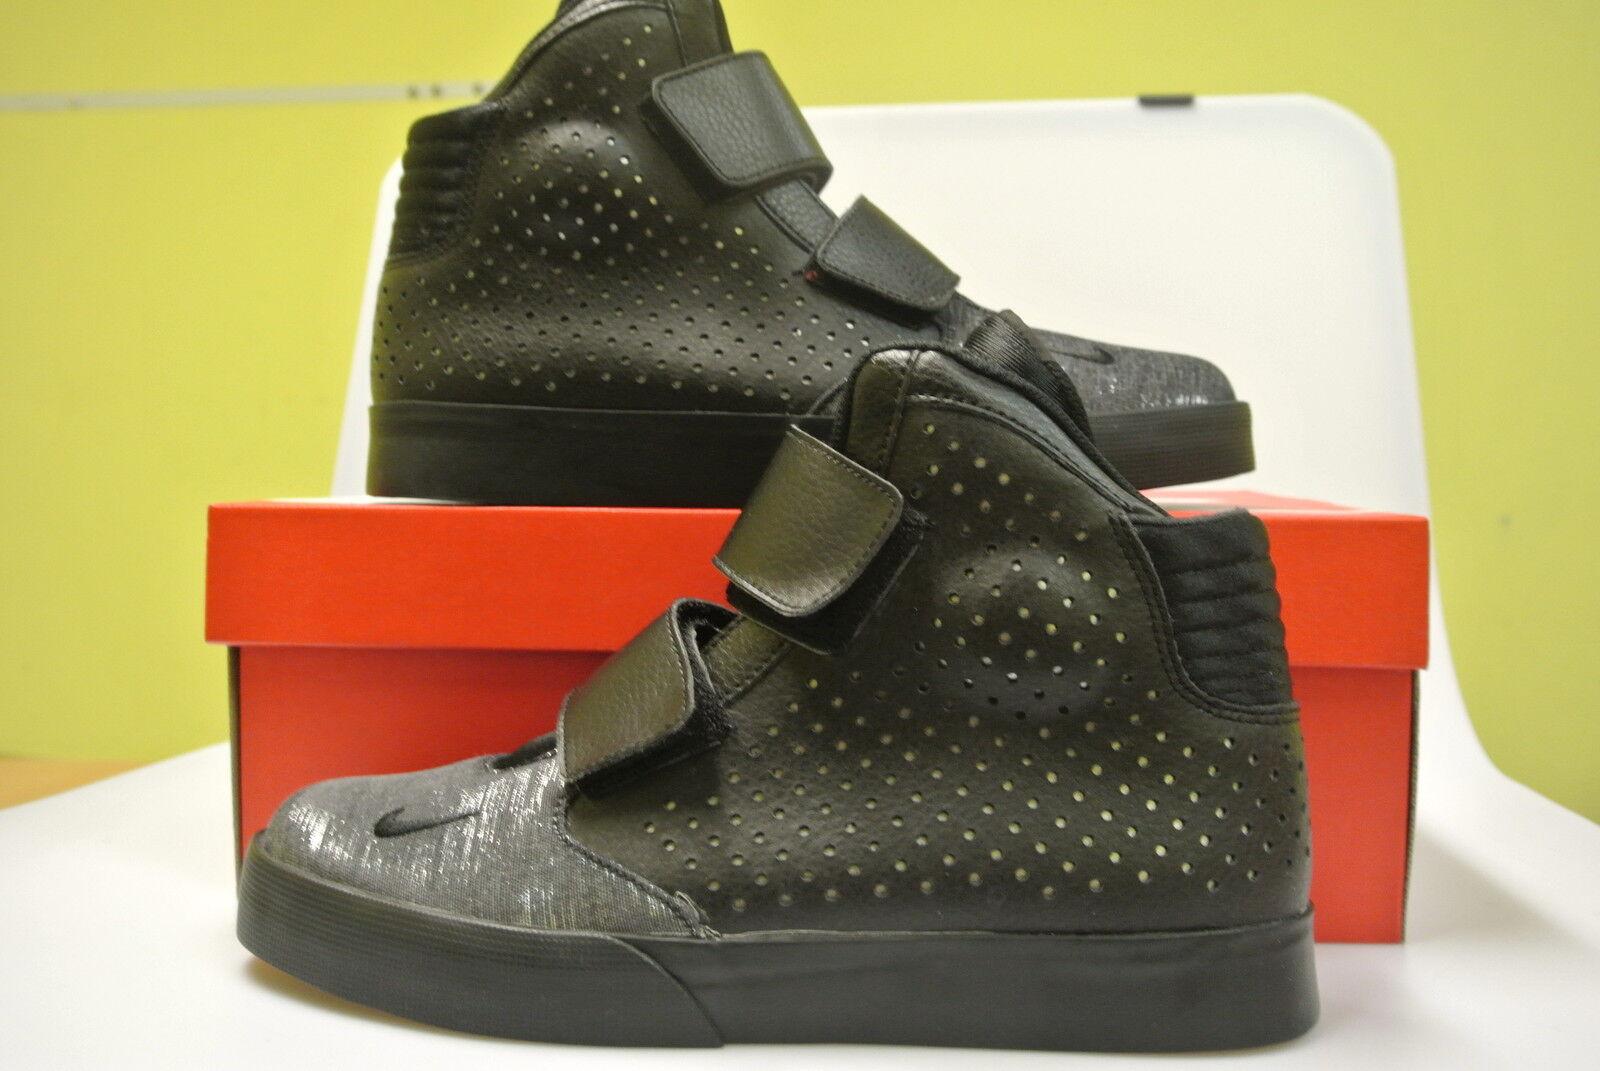 Nike Flystepper 2k3  Gr. 644576 Wählbar Neu & OVP 644576 Gr. 009 894c7c